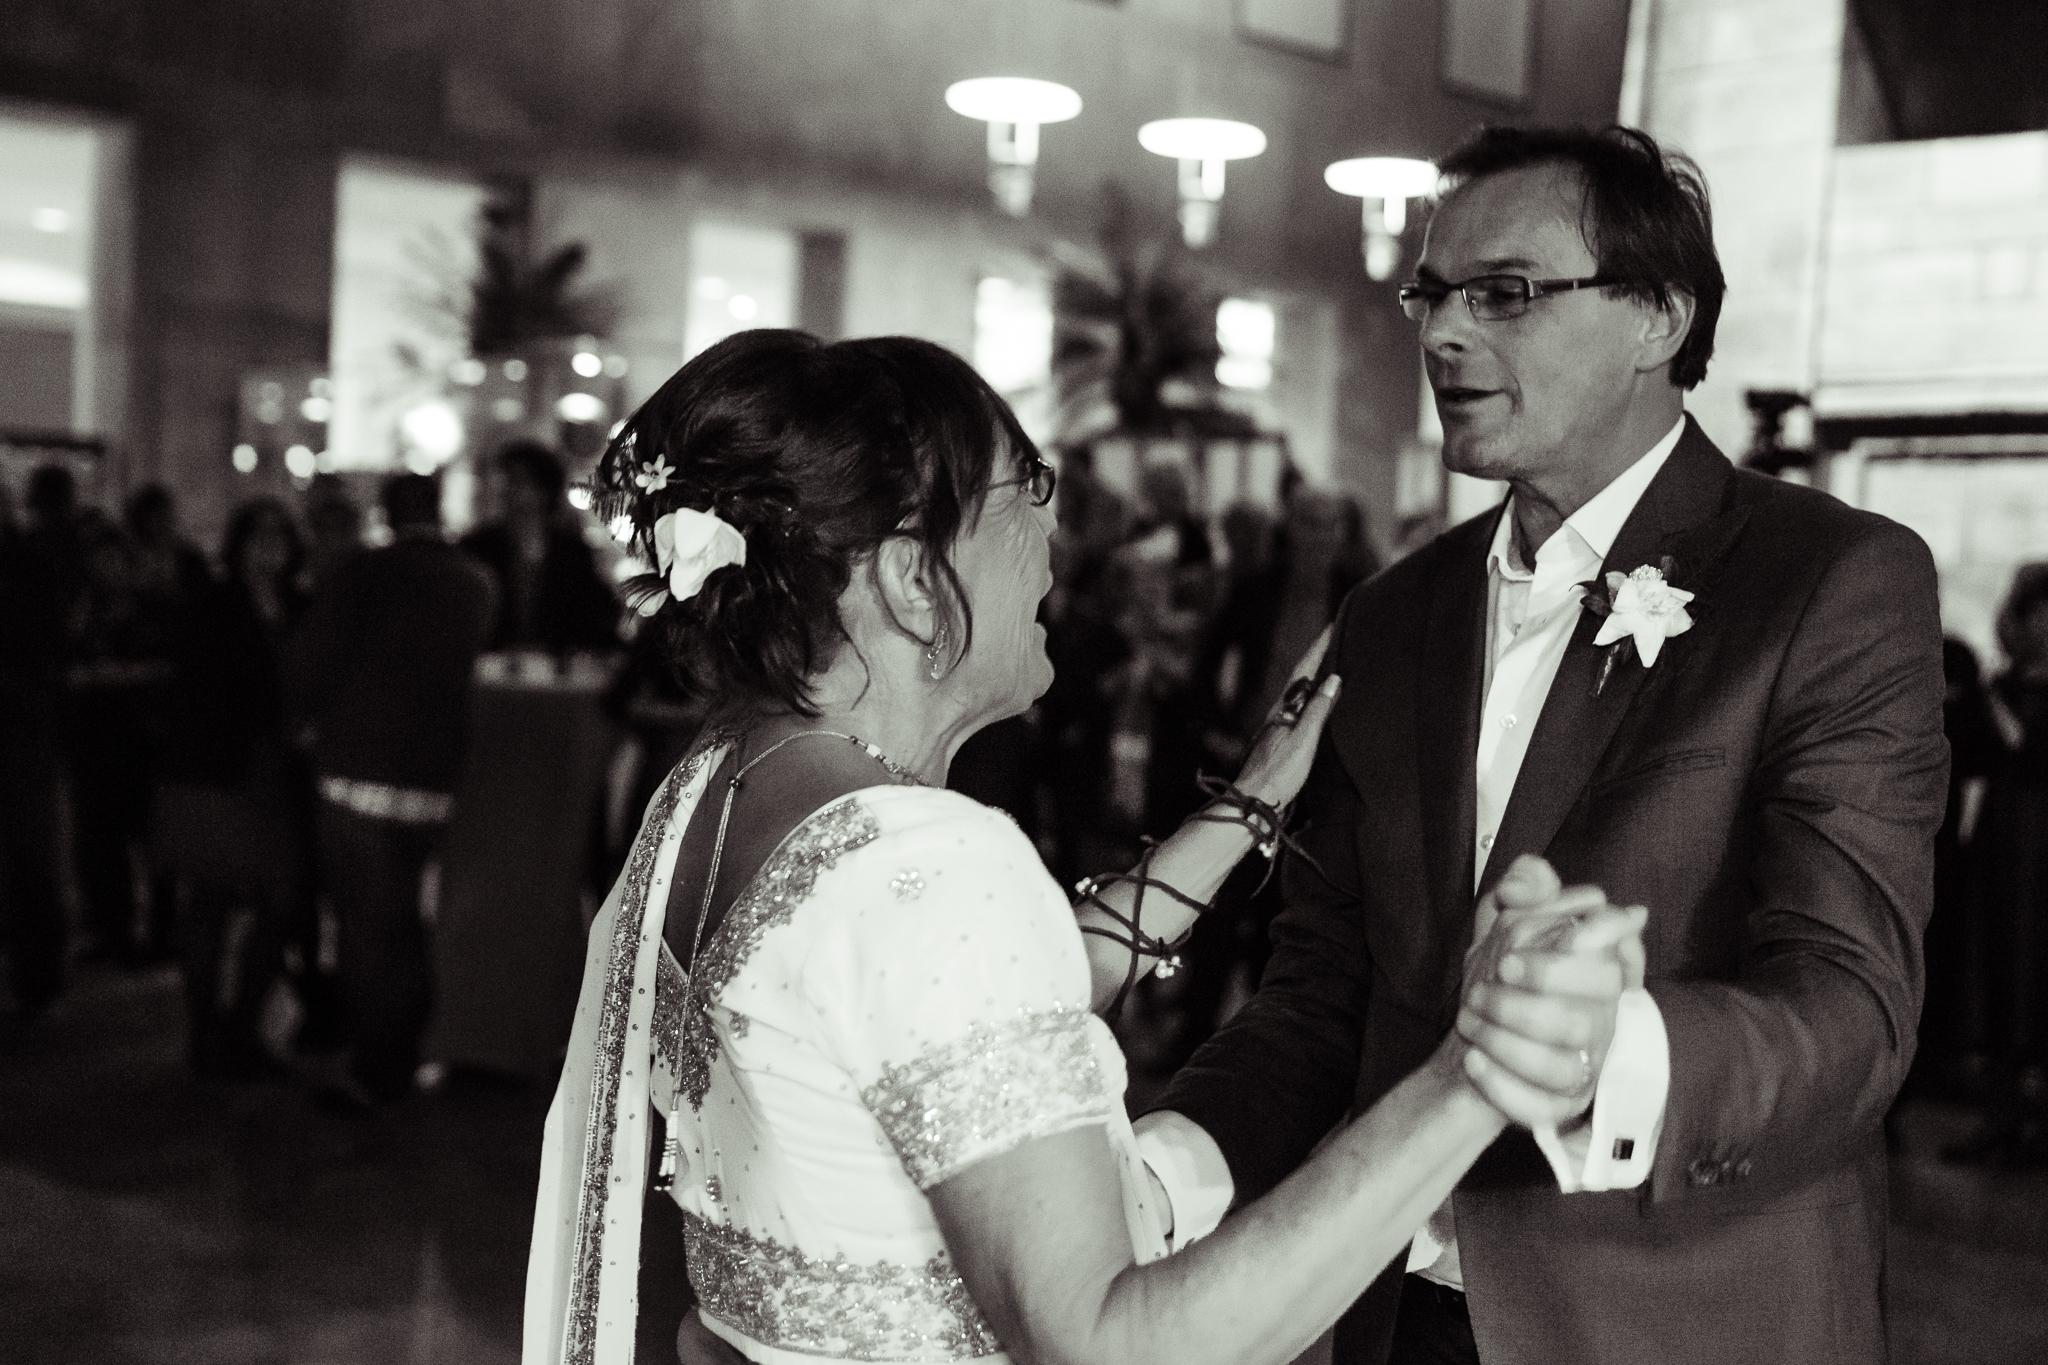 Wedding - YW8A3853.jpg